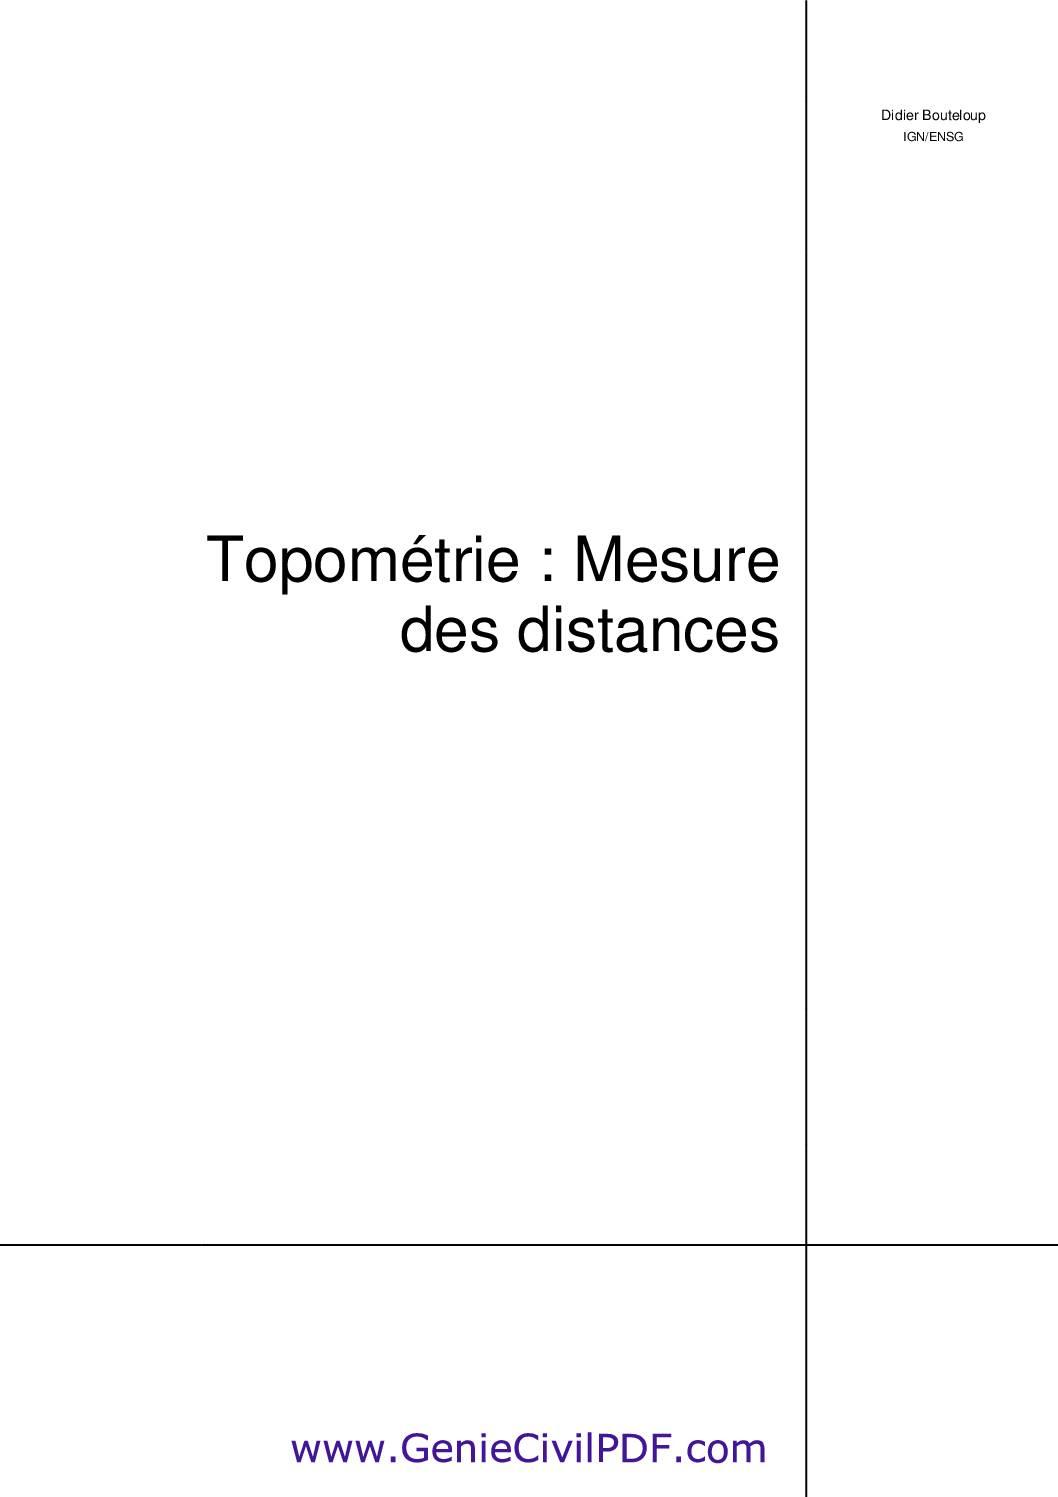 Topométrie mesure des distances